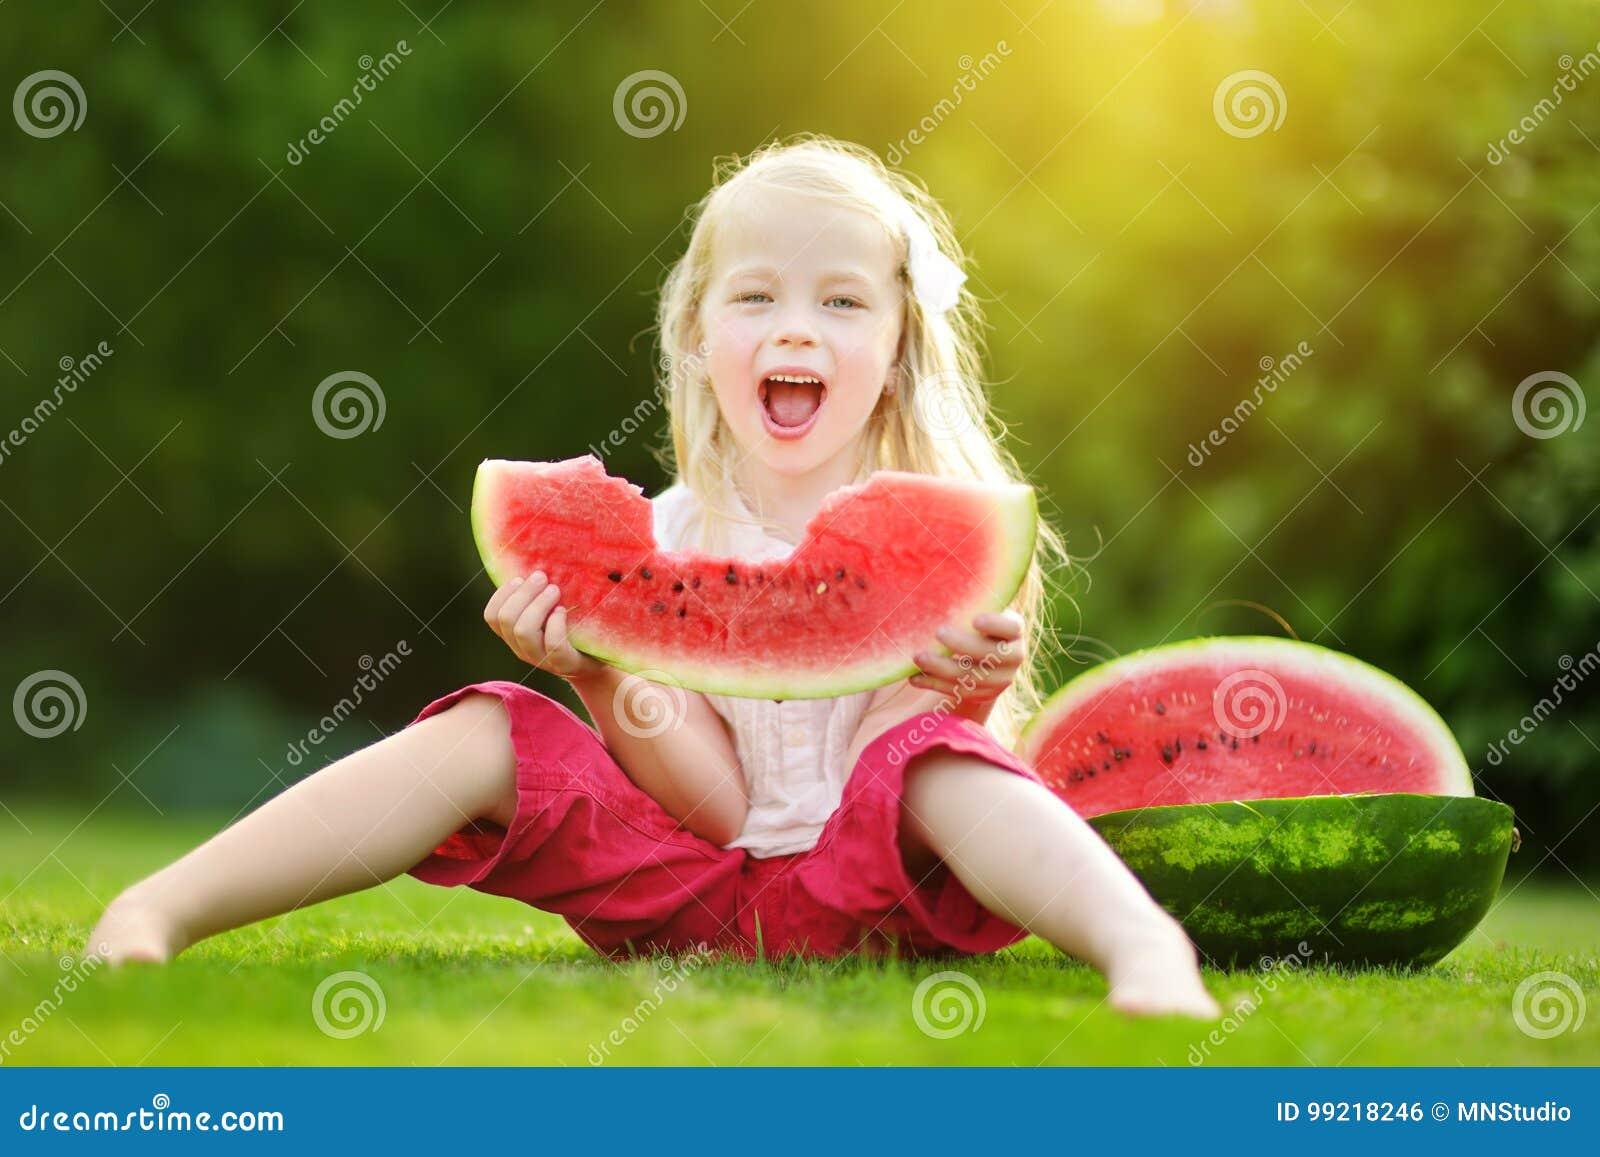 Αστείο μικρό κορίτσι που δαγκώνει μια φέτα του καρπουζιού υπαίθρια τη θερμή και ηλιόλουστη θερινή ημέρα